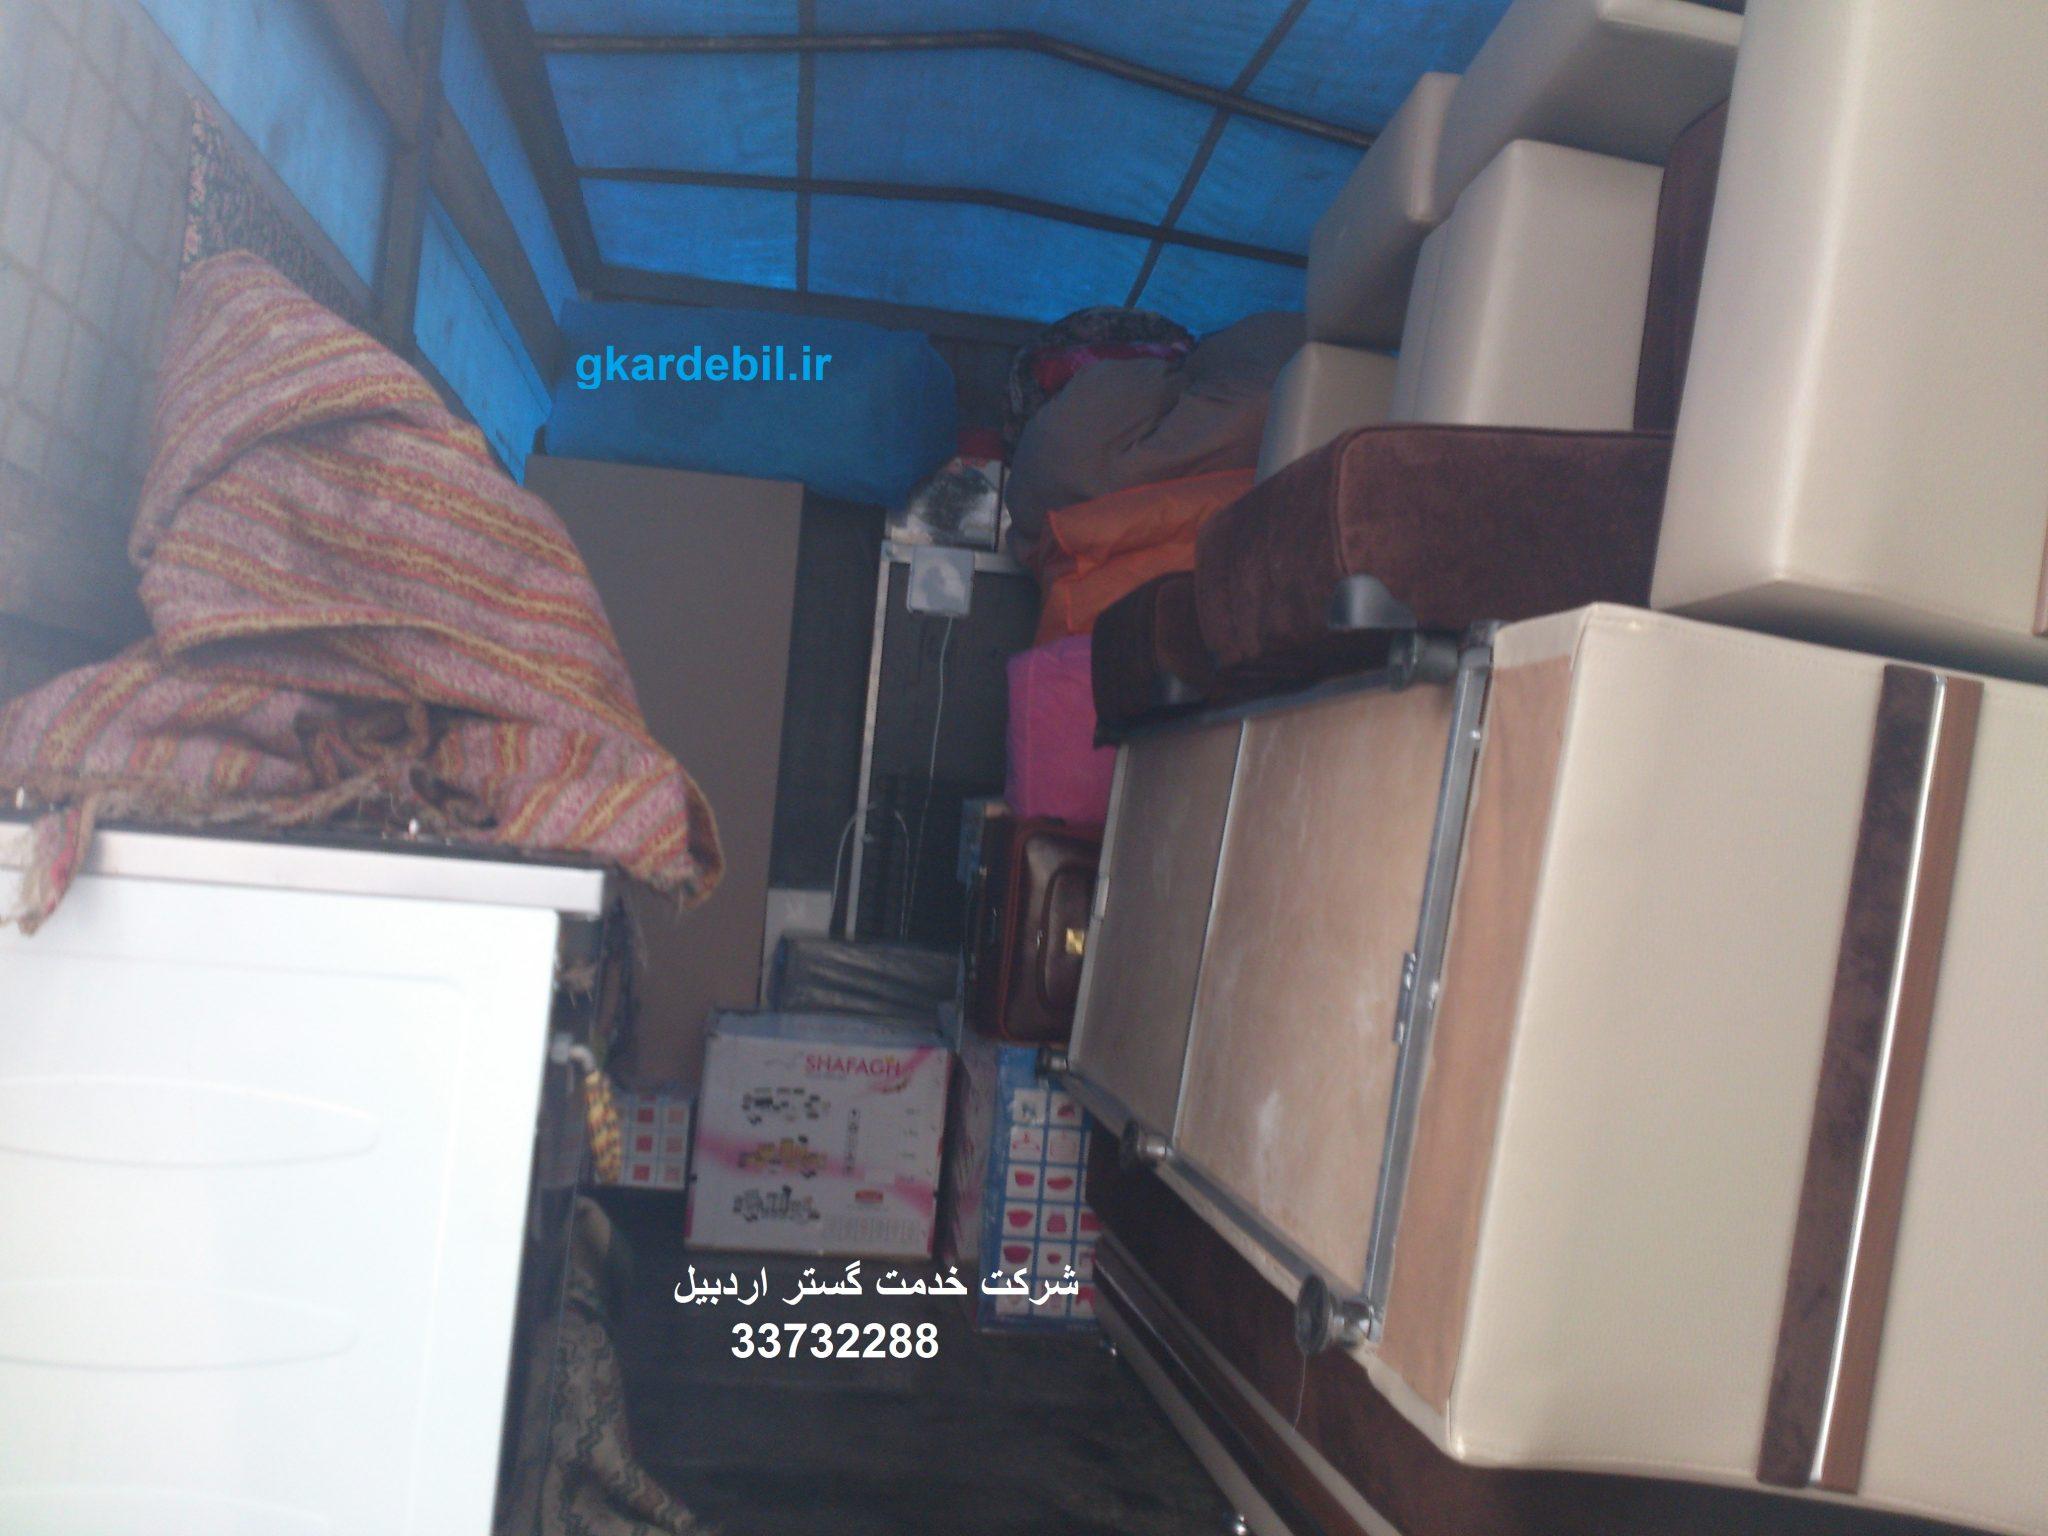 خدمات اسباب کشی در اردبیل